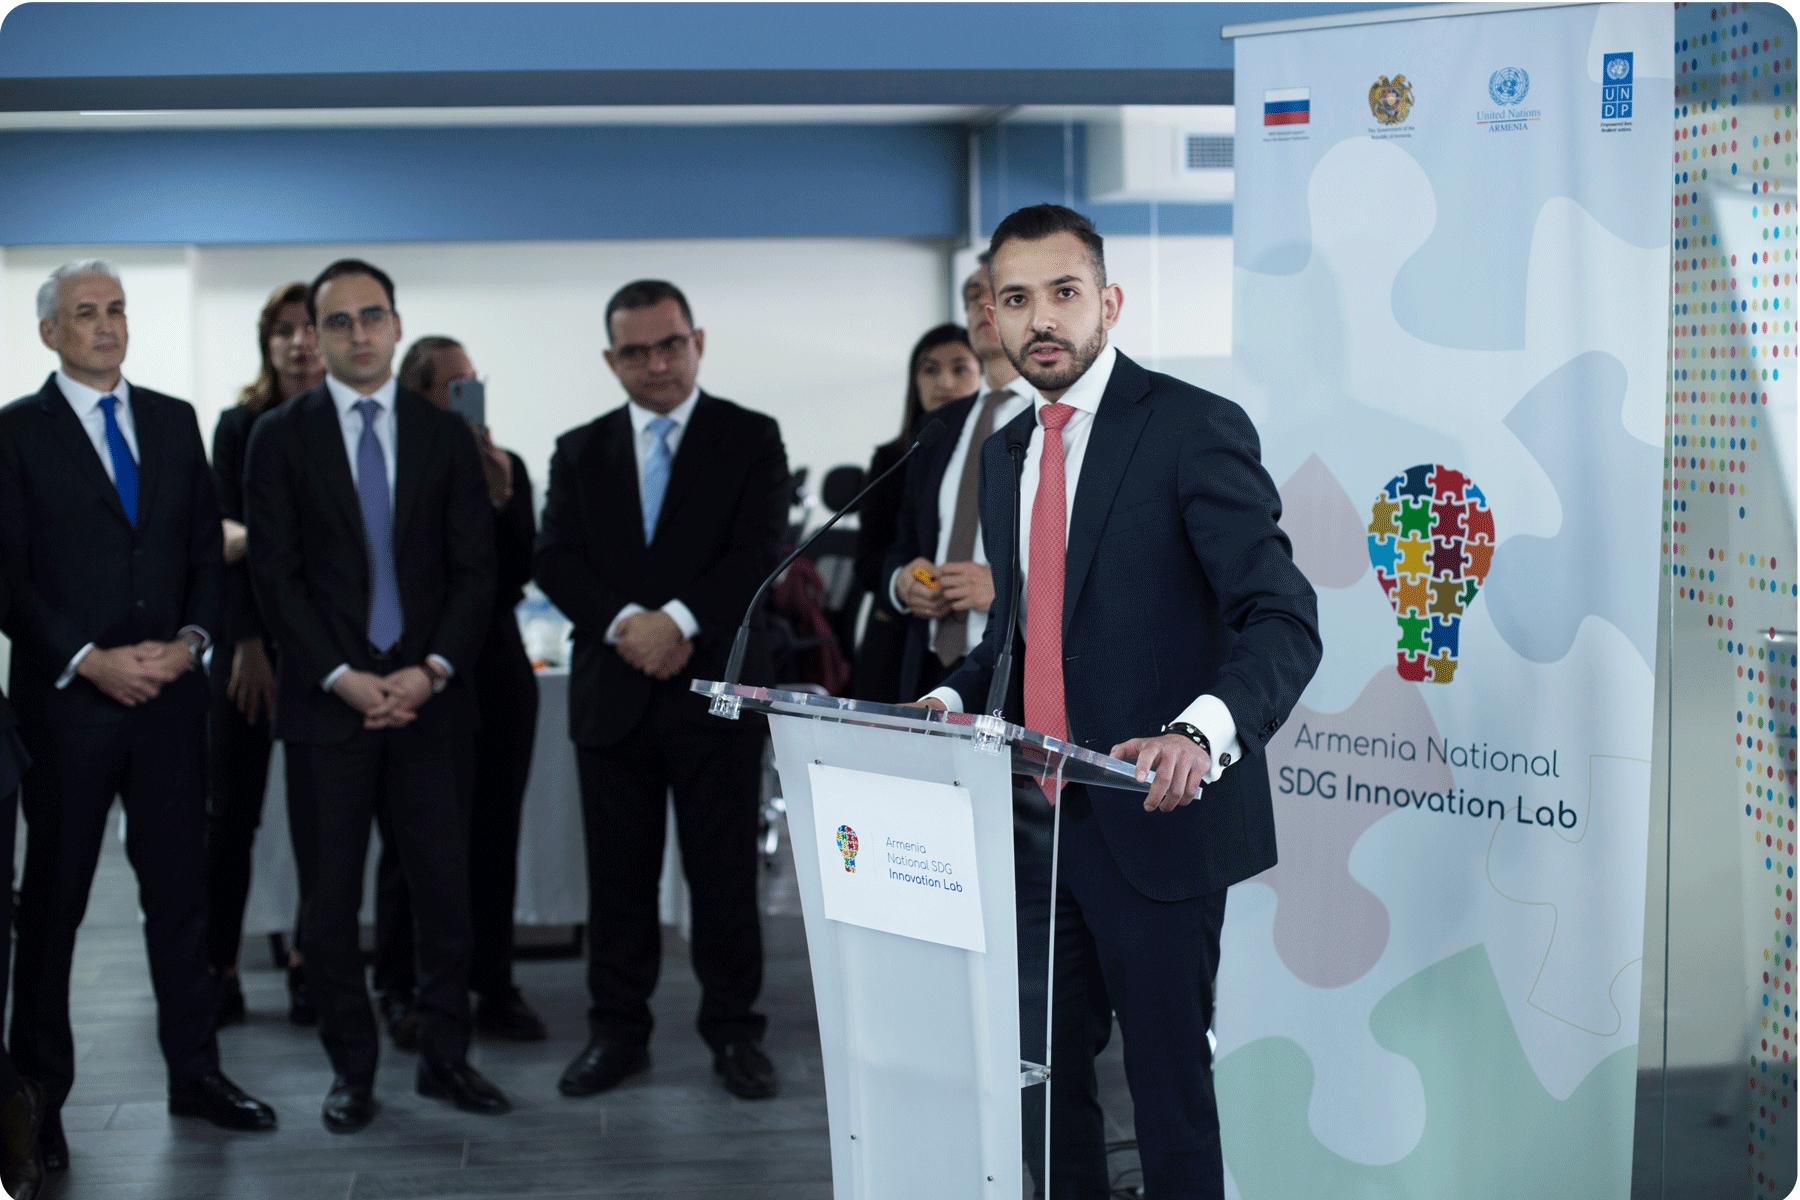 Արհեստական բանականությունը կօգնի Հայաստանում զարգացնել զբոսաշրջությունը